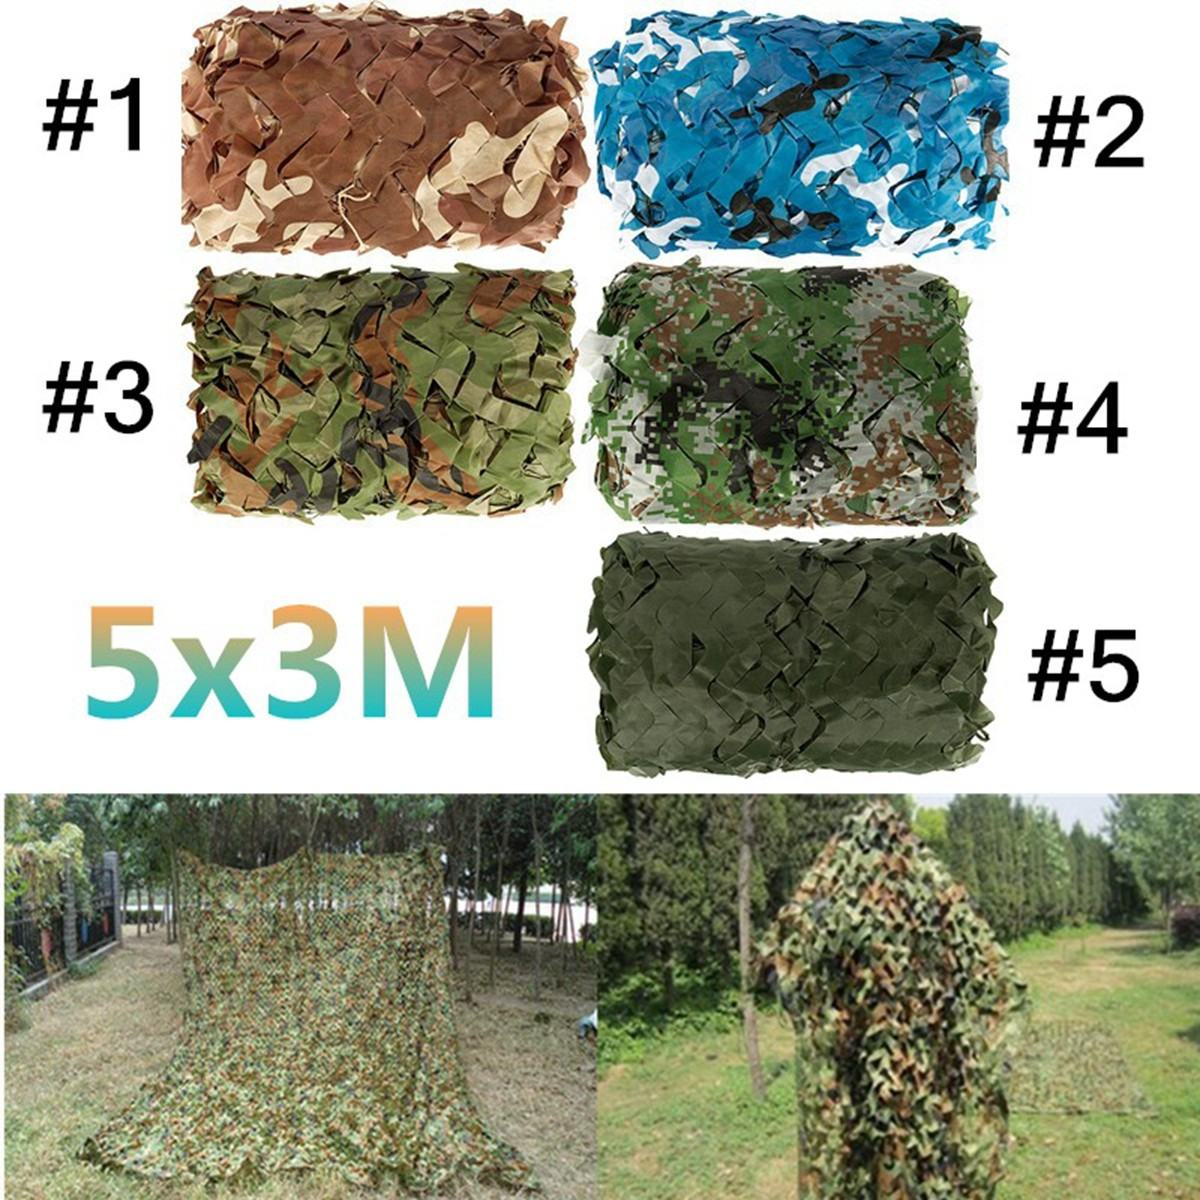 5x3 m En Plein Air Militaire Camouflage Net Camo pour La Chasse Couvrant Camping Woodlands Feuilles Masquer Soleil Abri De Voiture- couverture 5 Couleur